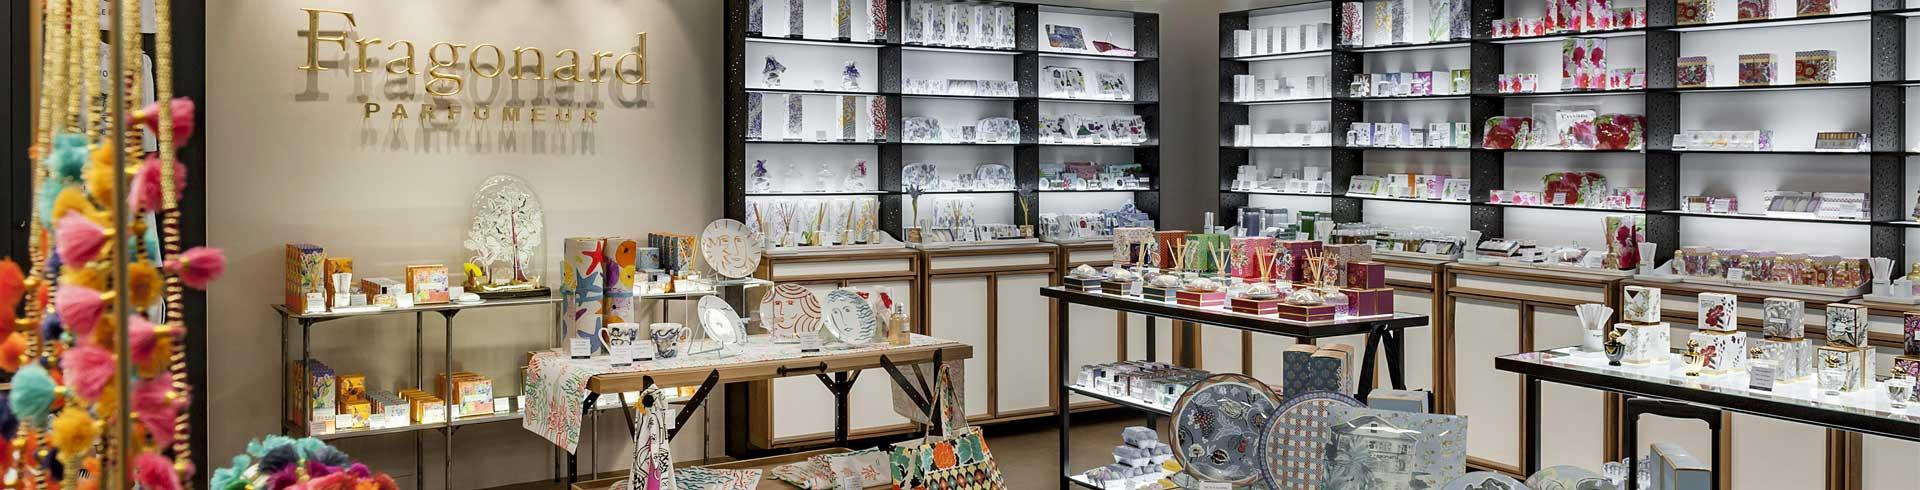 fragonard souvenirs fine food terminal 2 shops. Black Bedroom Furniture Sets. Home Design Ideas